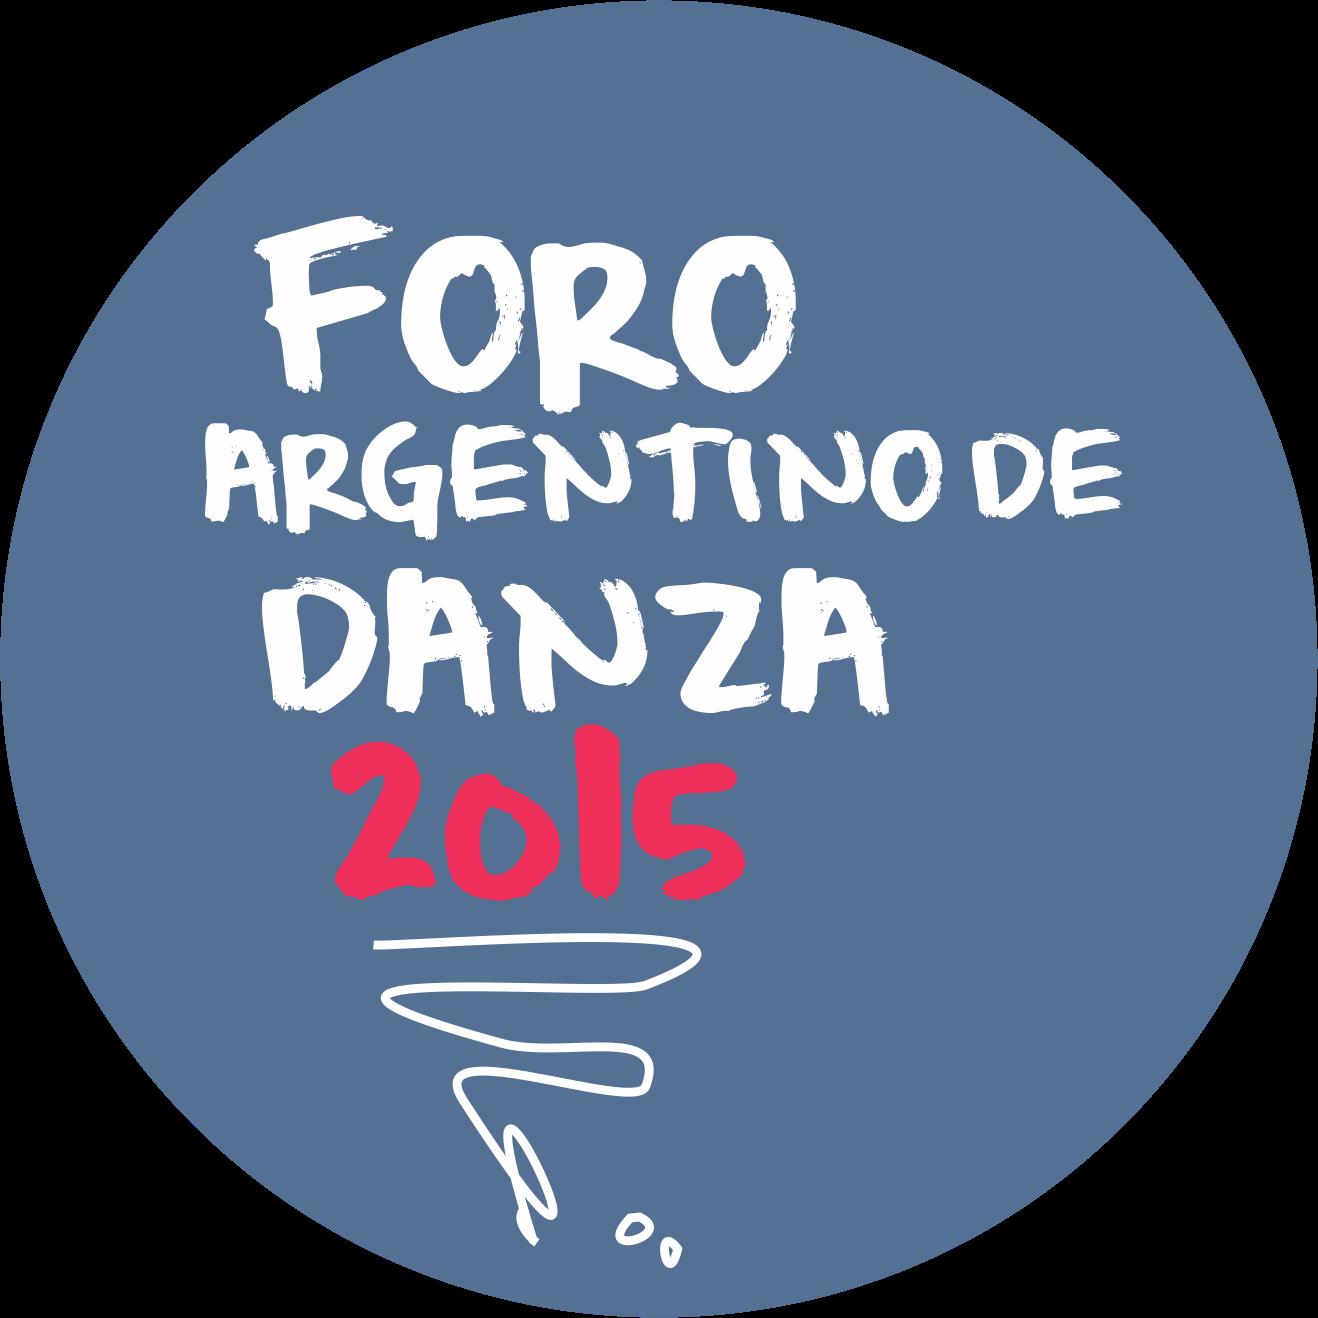 Logo Foro Argentino de Danza